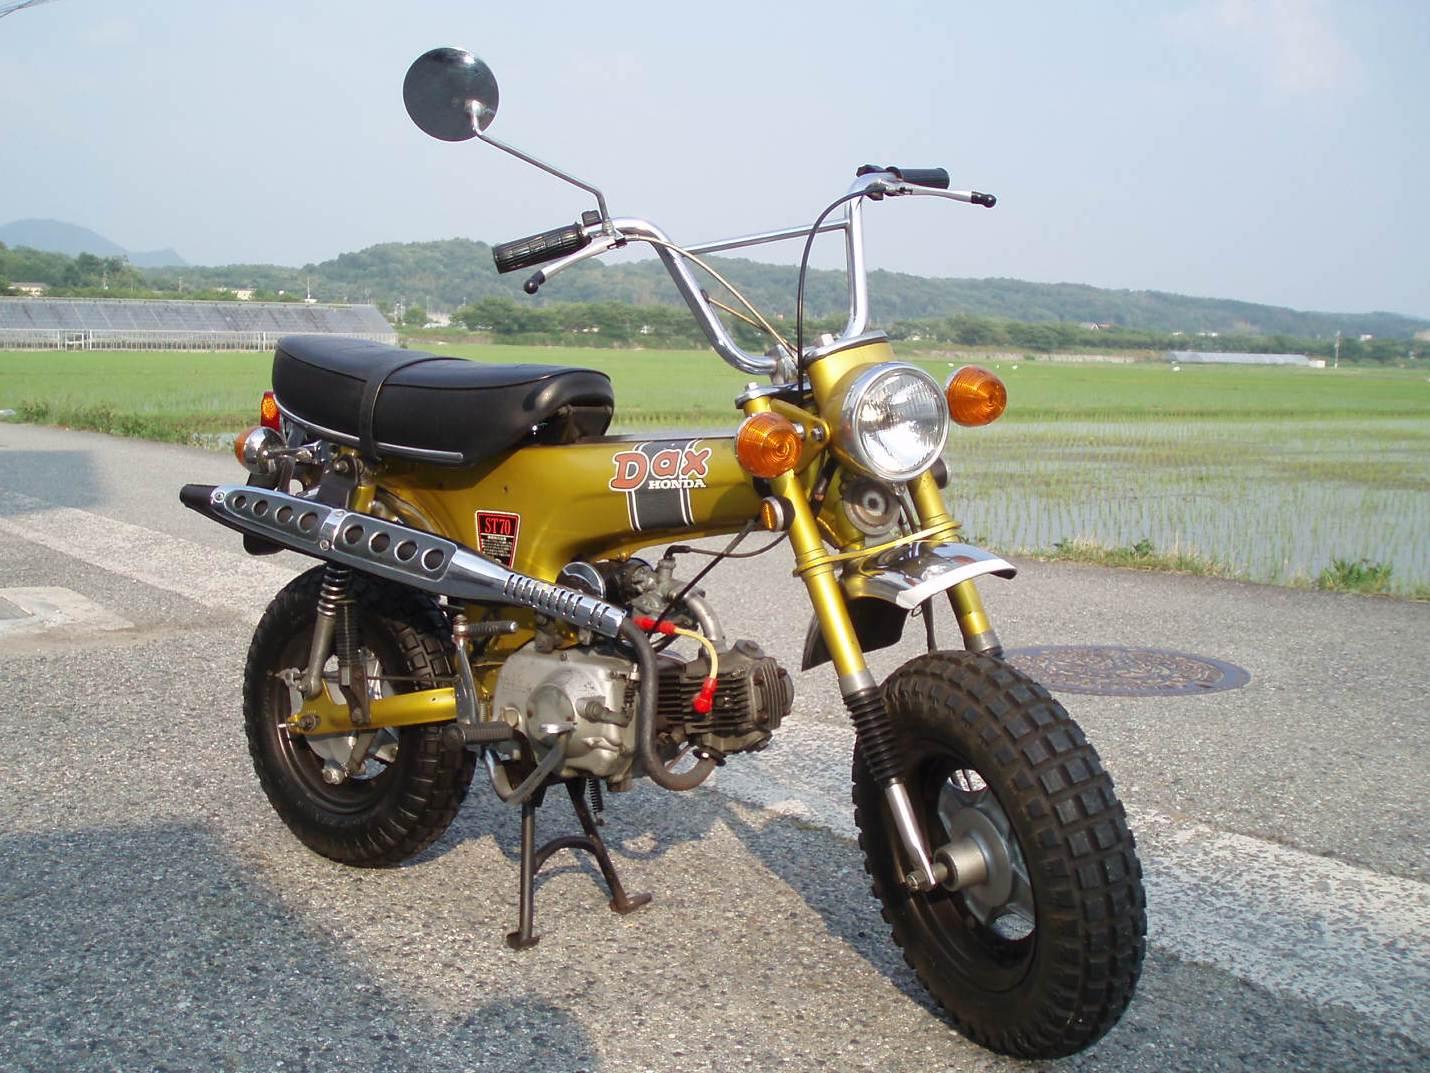 '72DAX70 4サイクルキャブレター   303,500